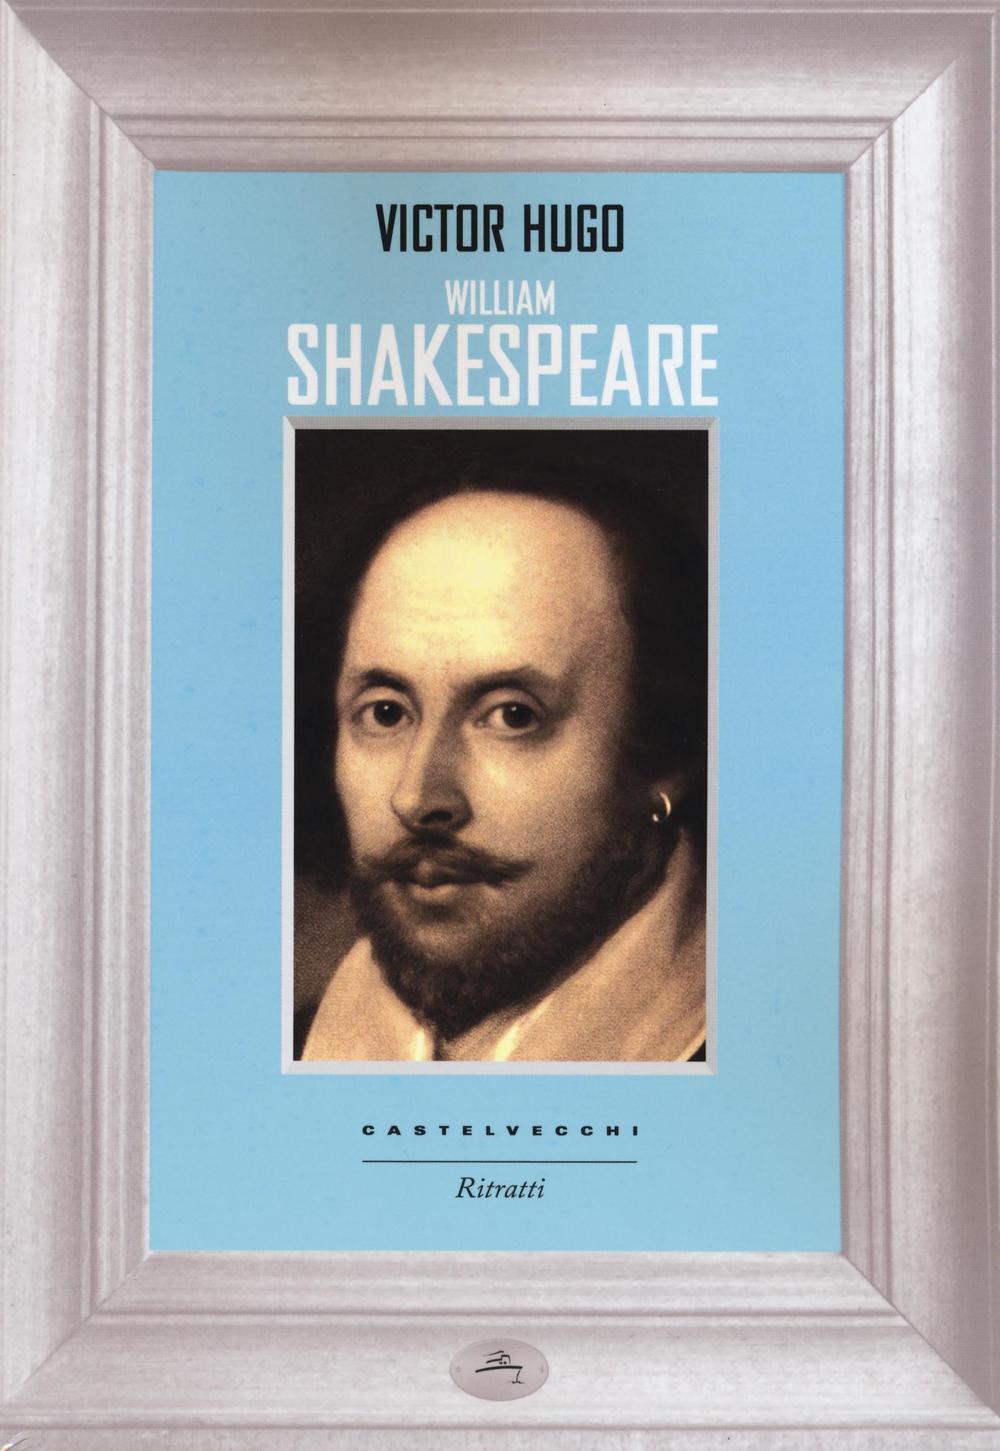 William Shakespeare - 9788869445644